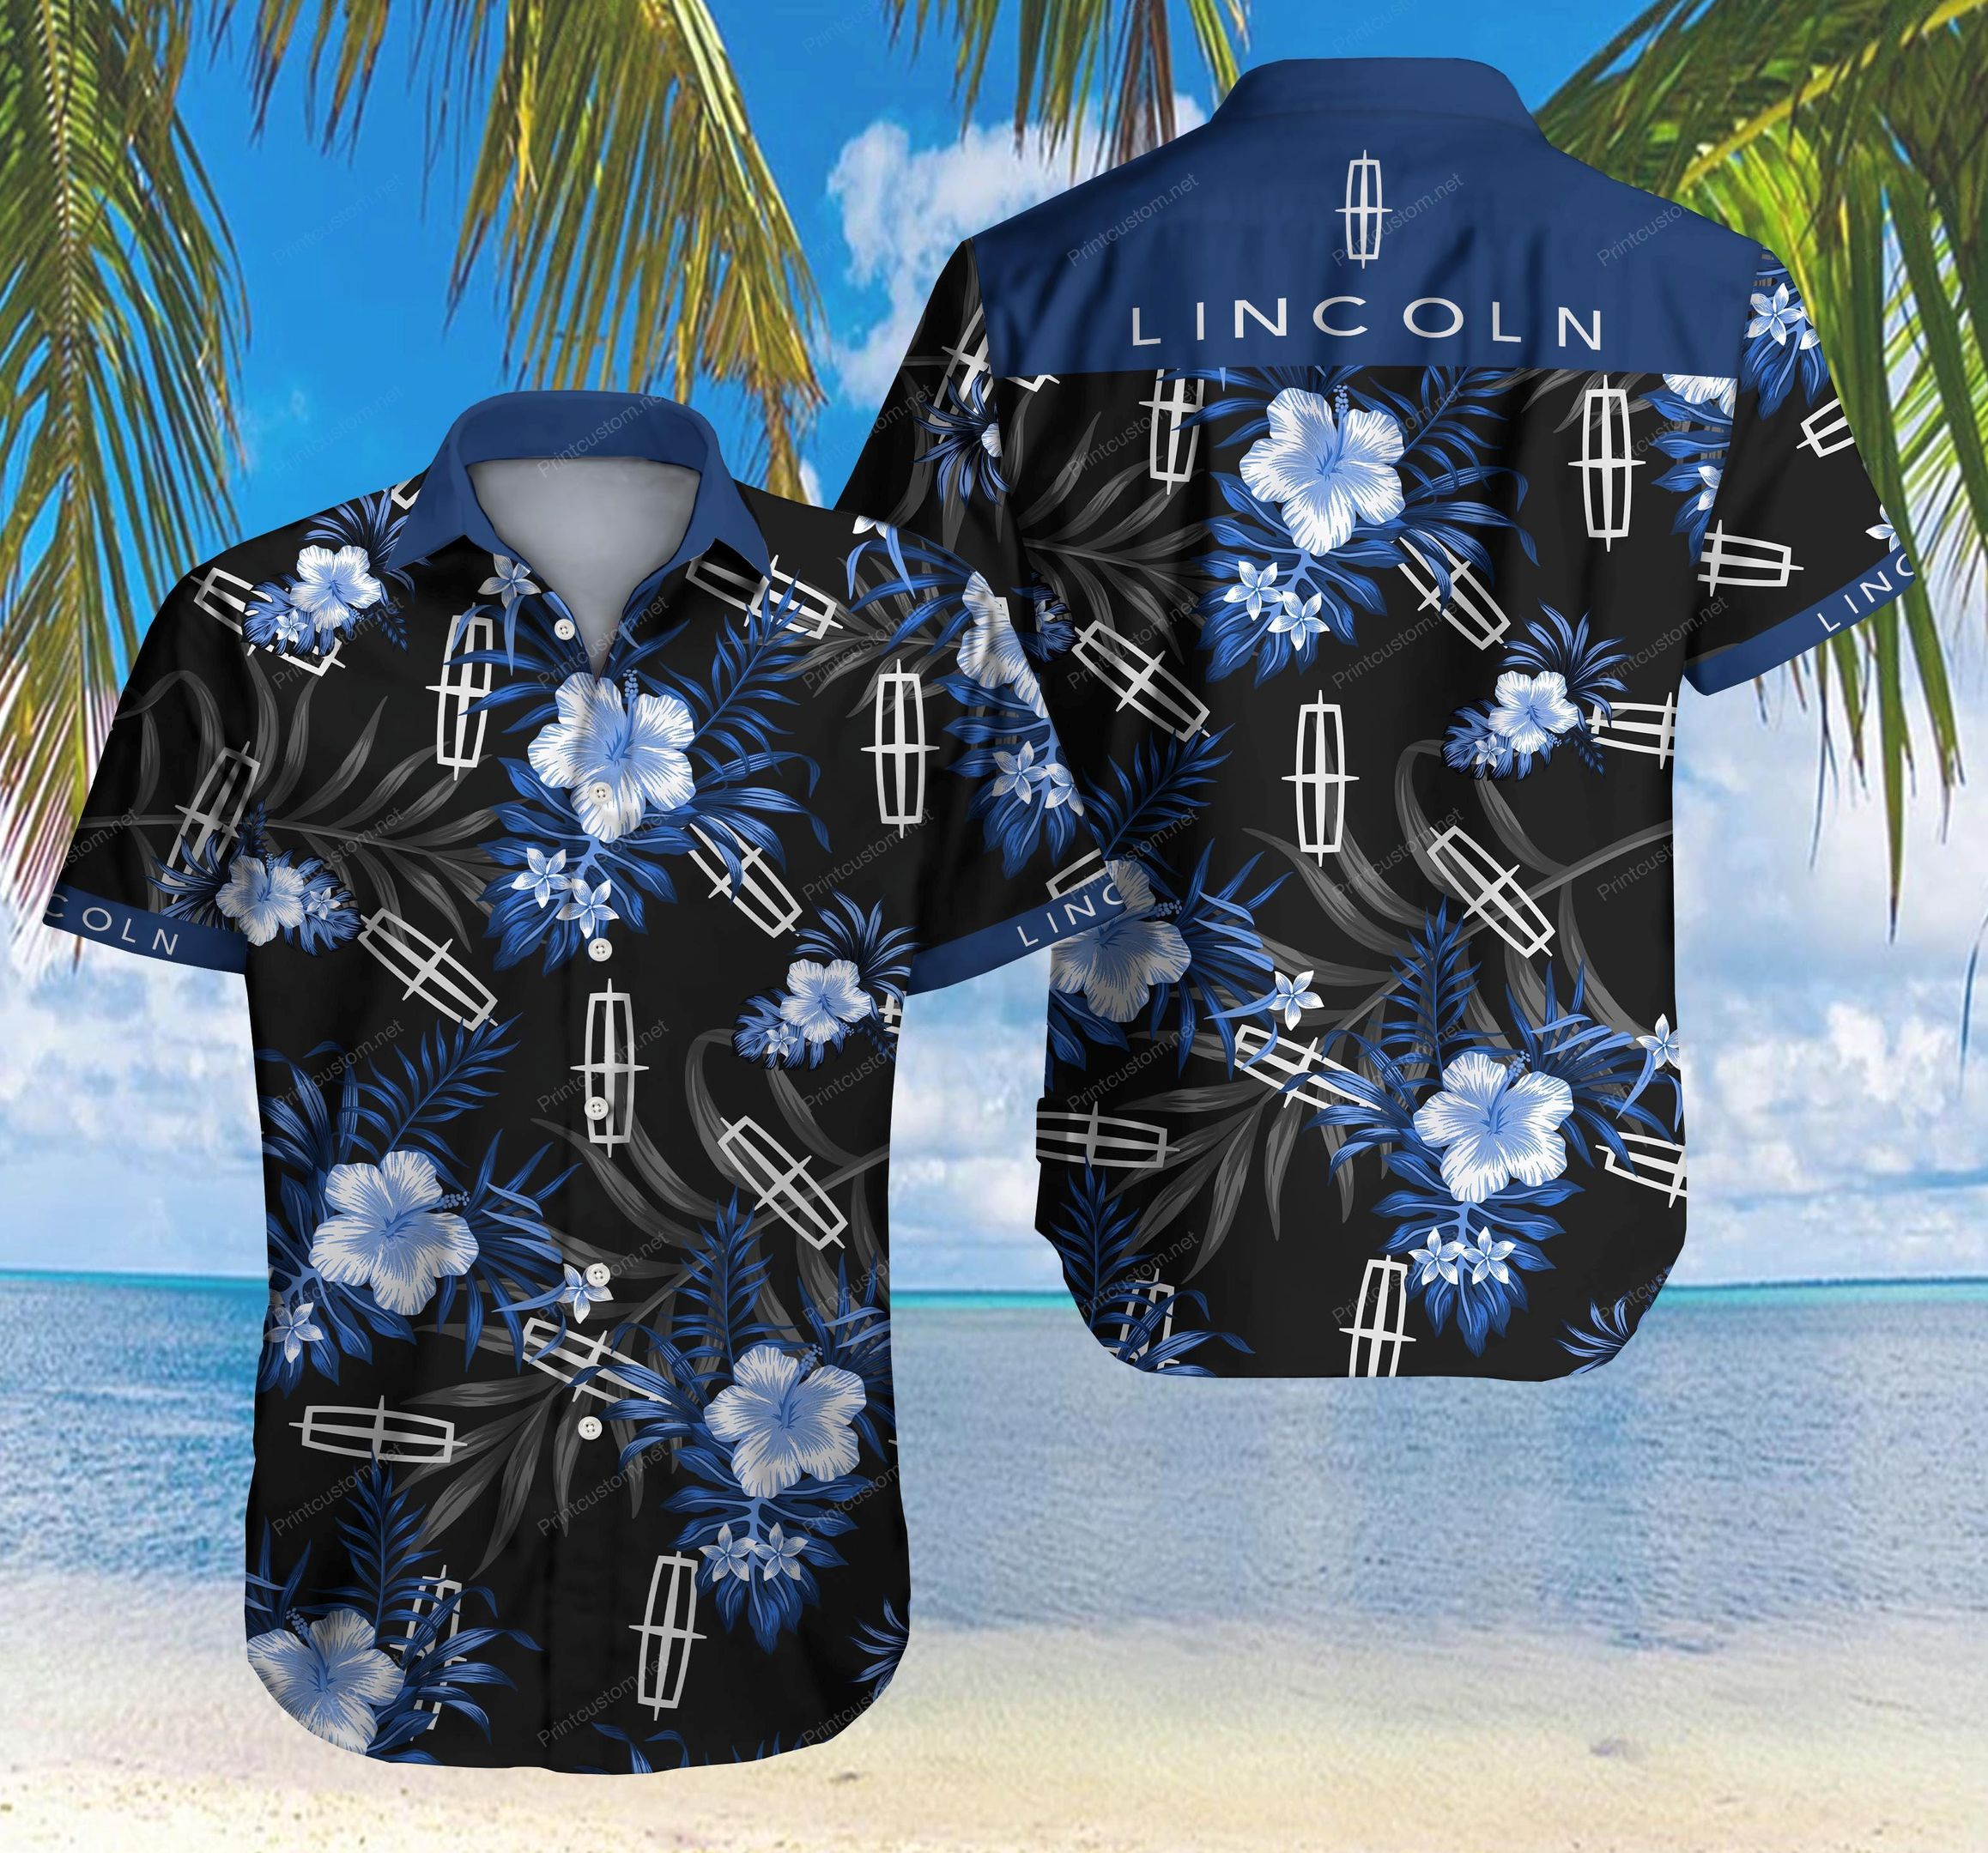 Lincoln Hawaii Shirt Ver 2 Summer Button Up